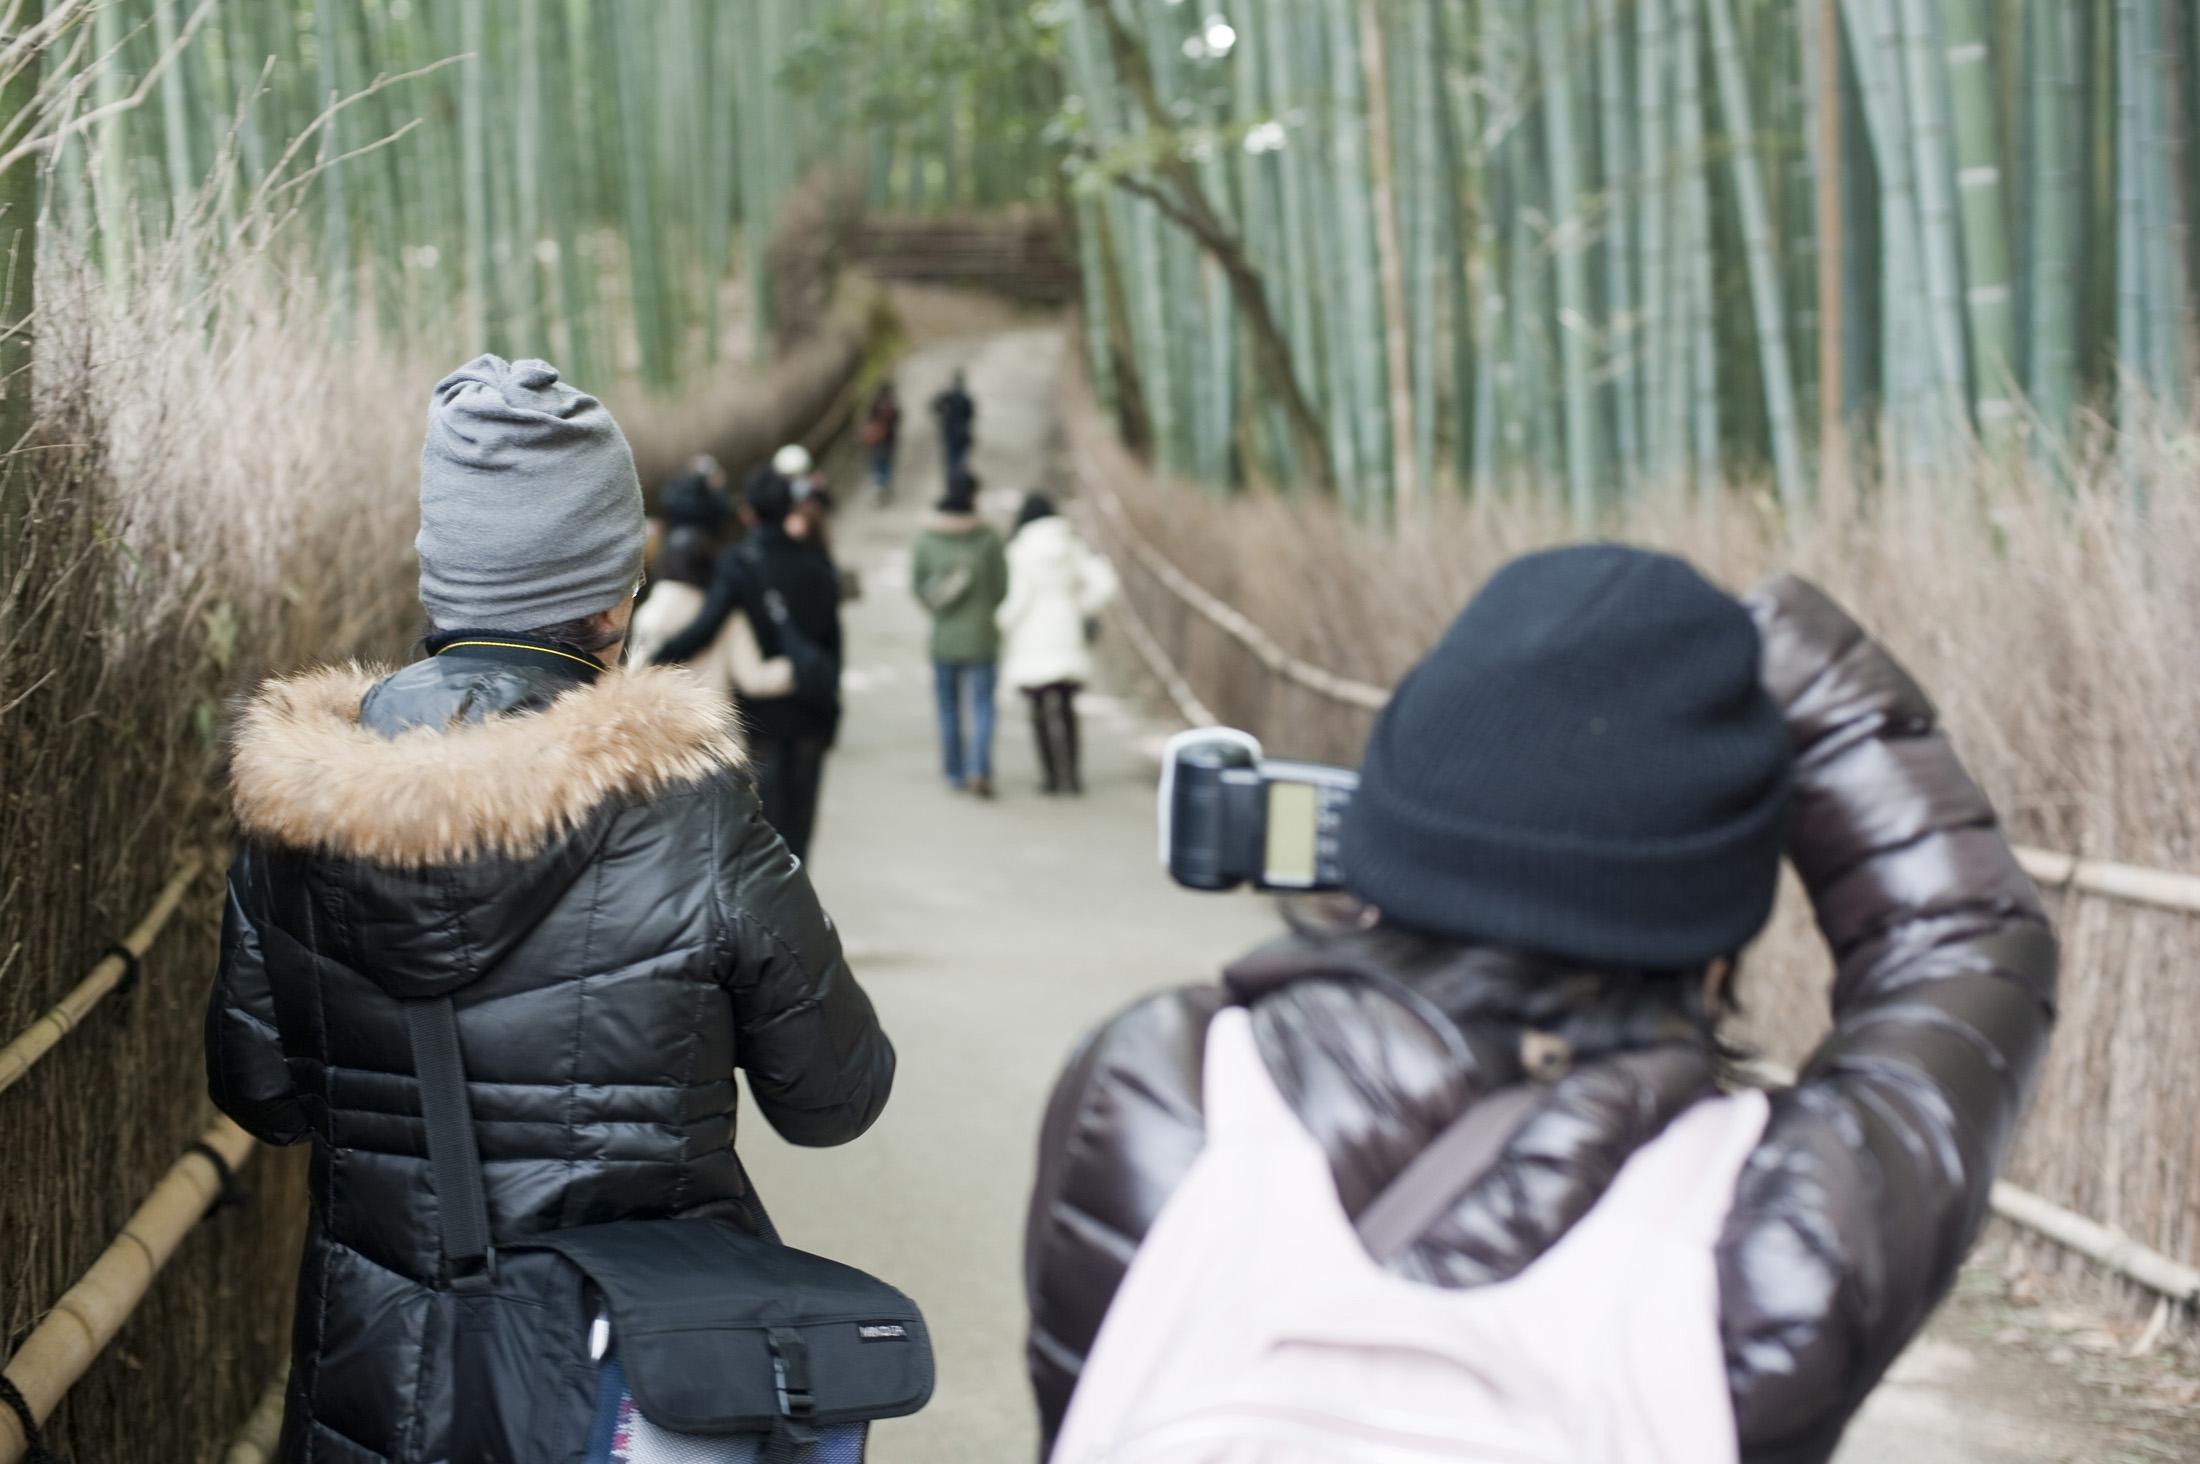 غابات الخيزران في اليابان Bamboo_grove